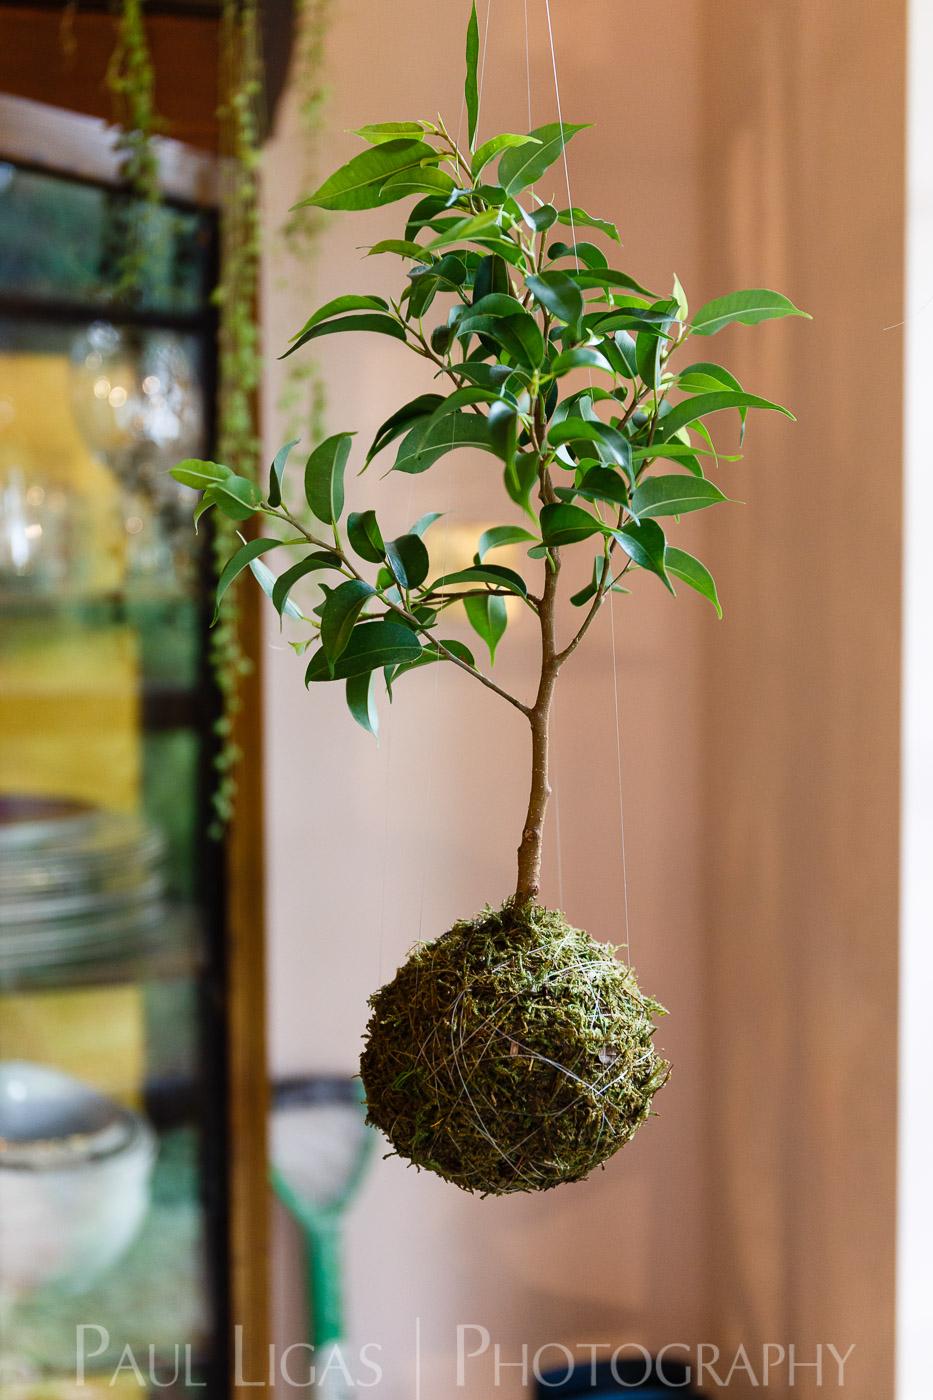 Spiffy Daisy plants kokedama product lifestyle photographer photography Herefordshire-7142